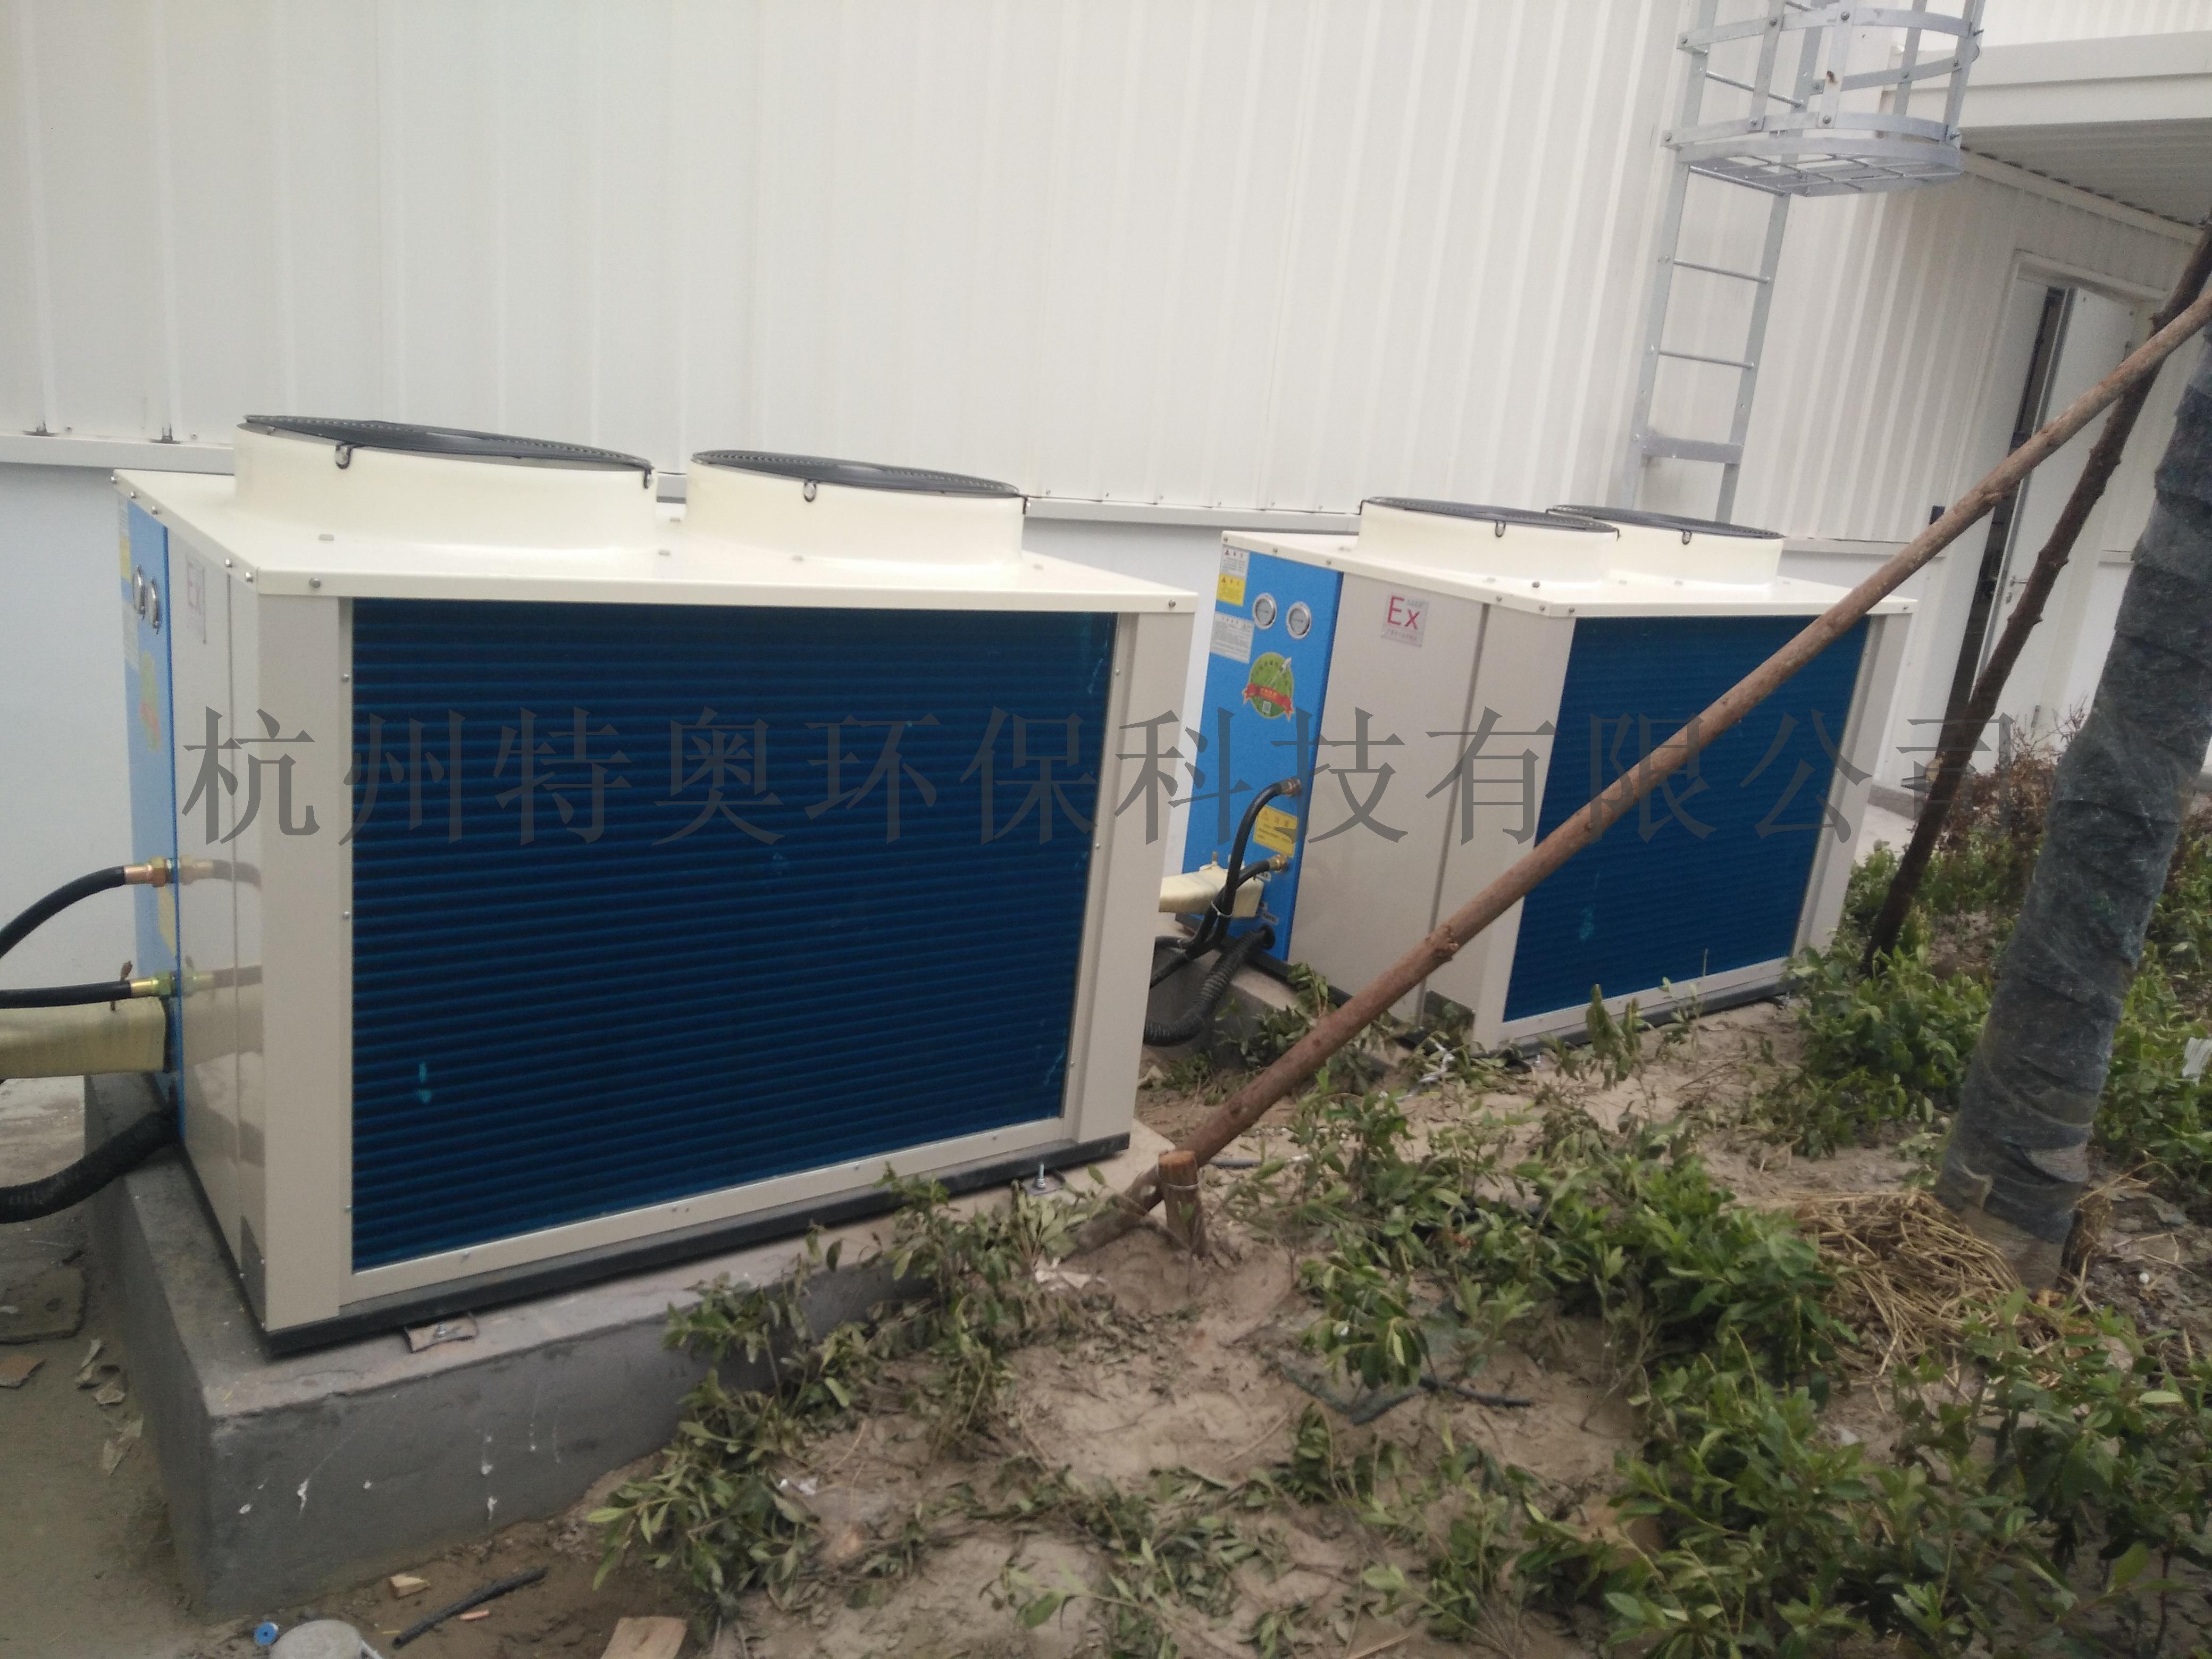 工业空调外机4.jpg